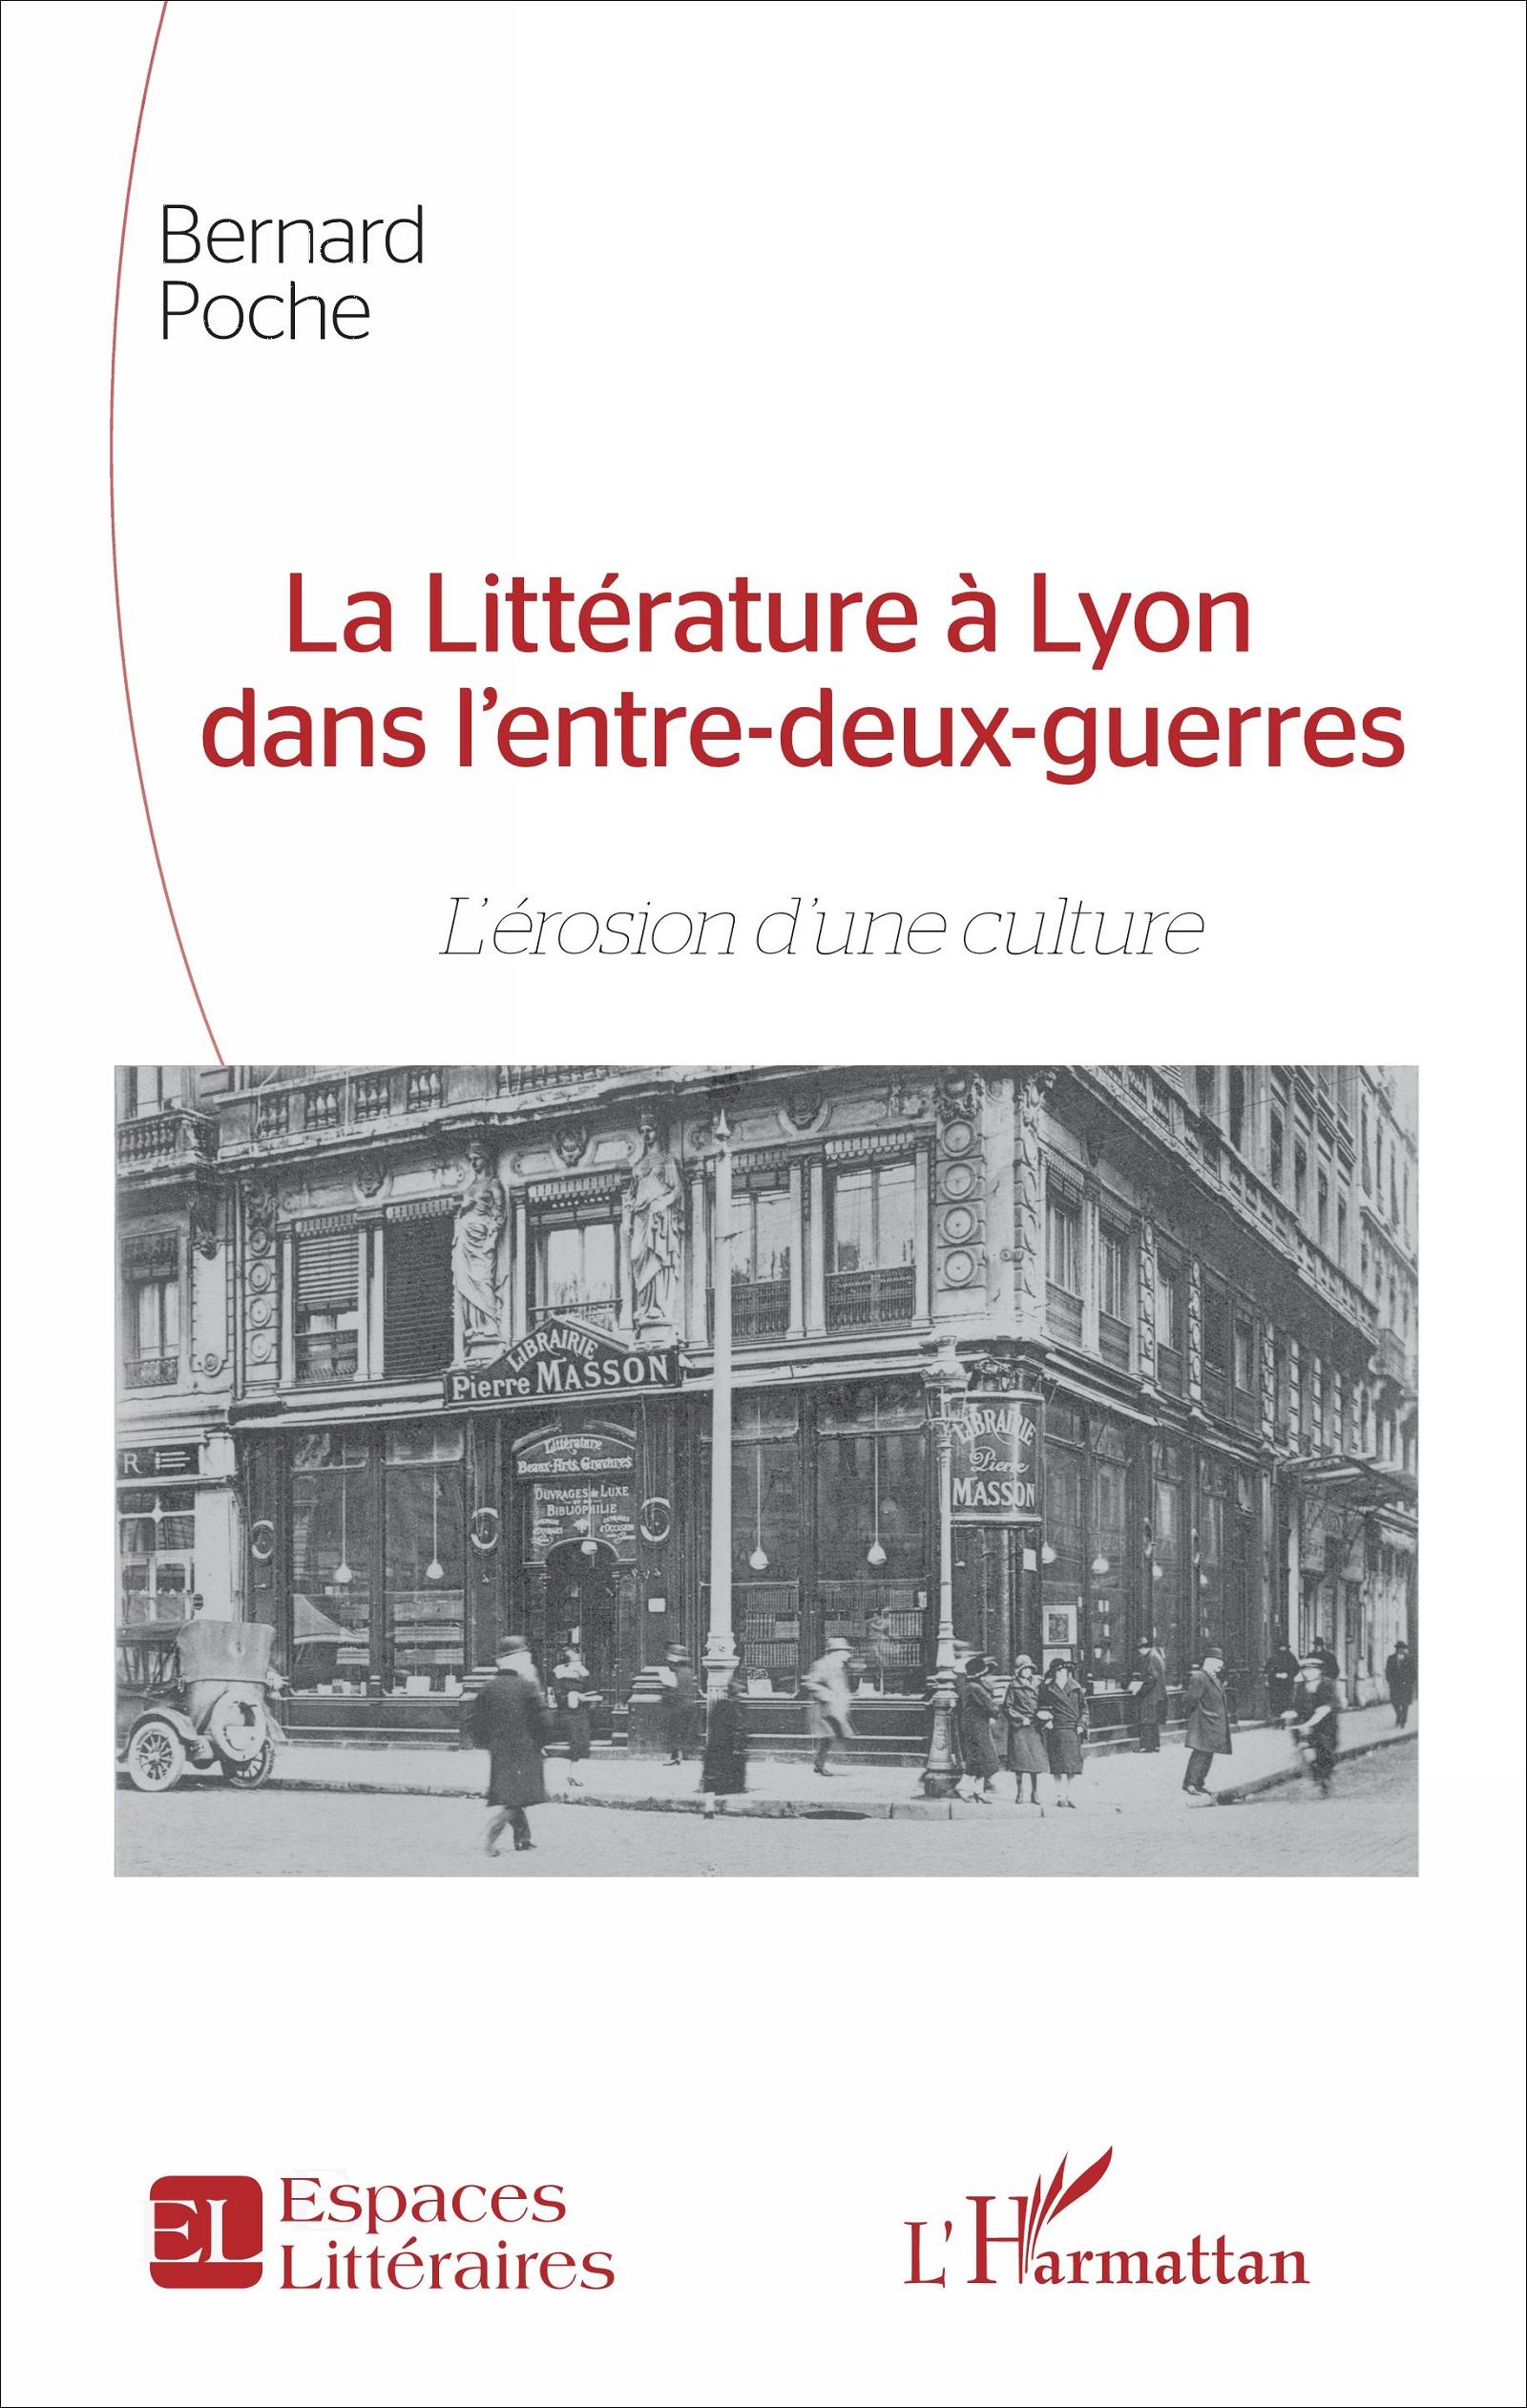 B. Poche, La Littérature à Lyon dans l'entre-deux-guerres - L'Erosion d'une culture